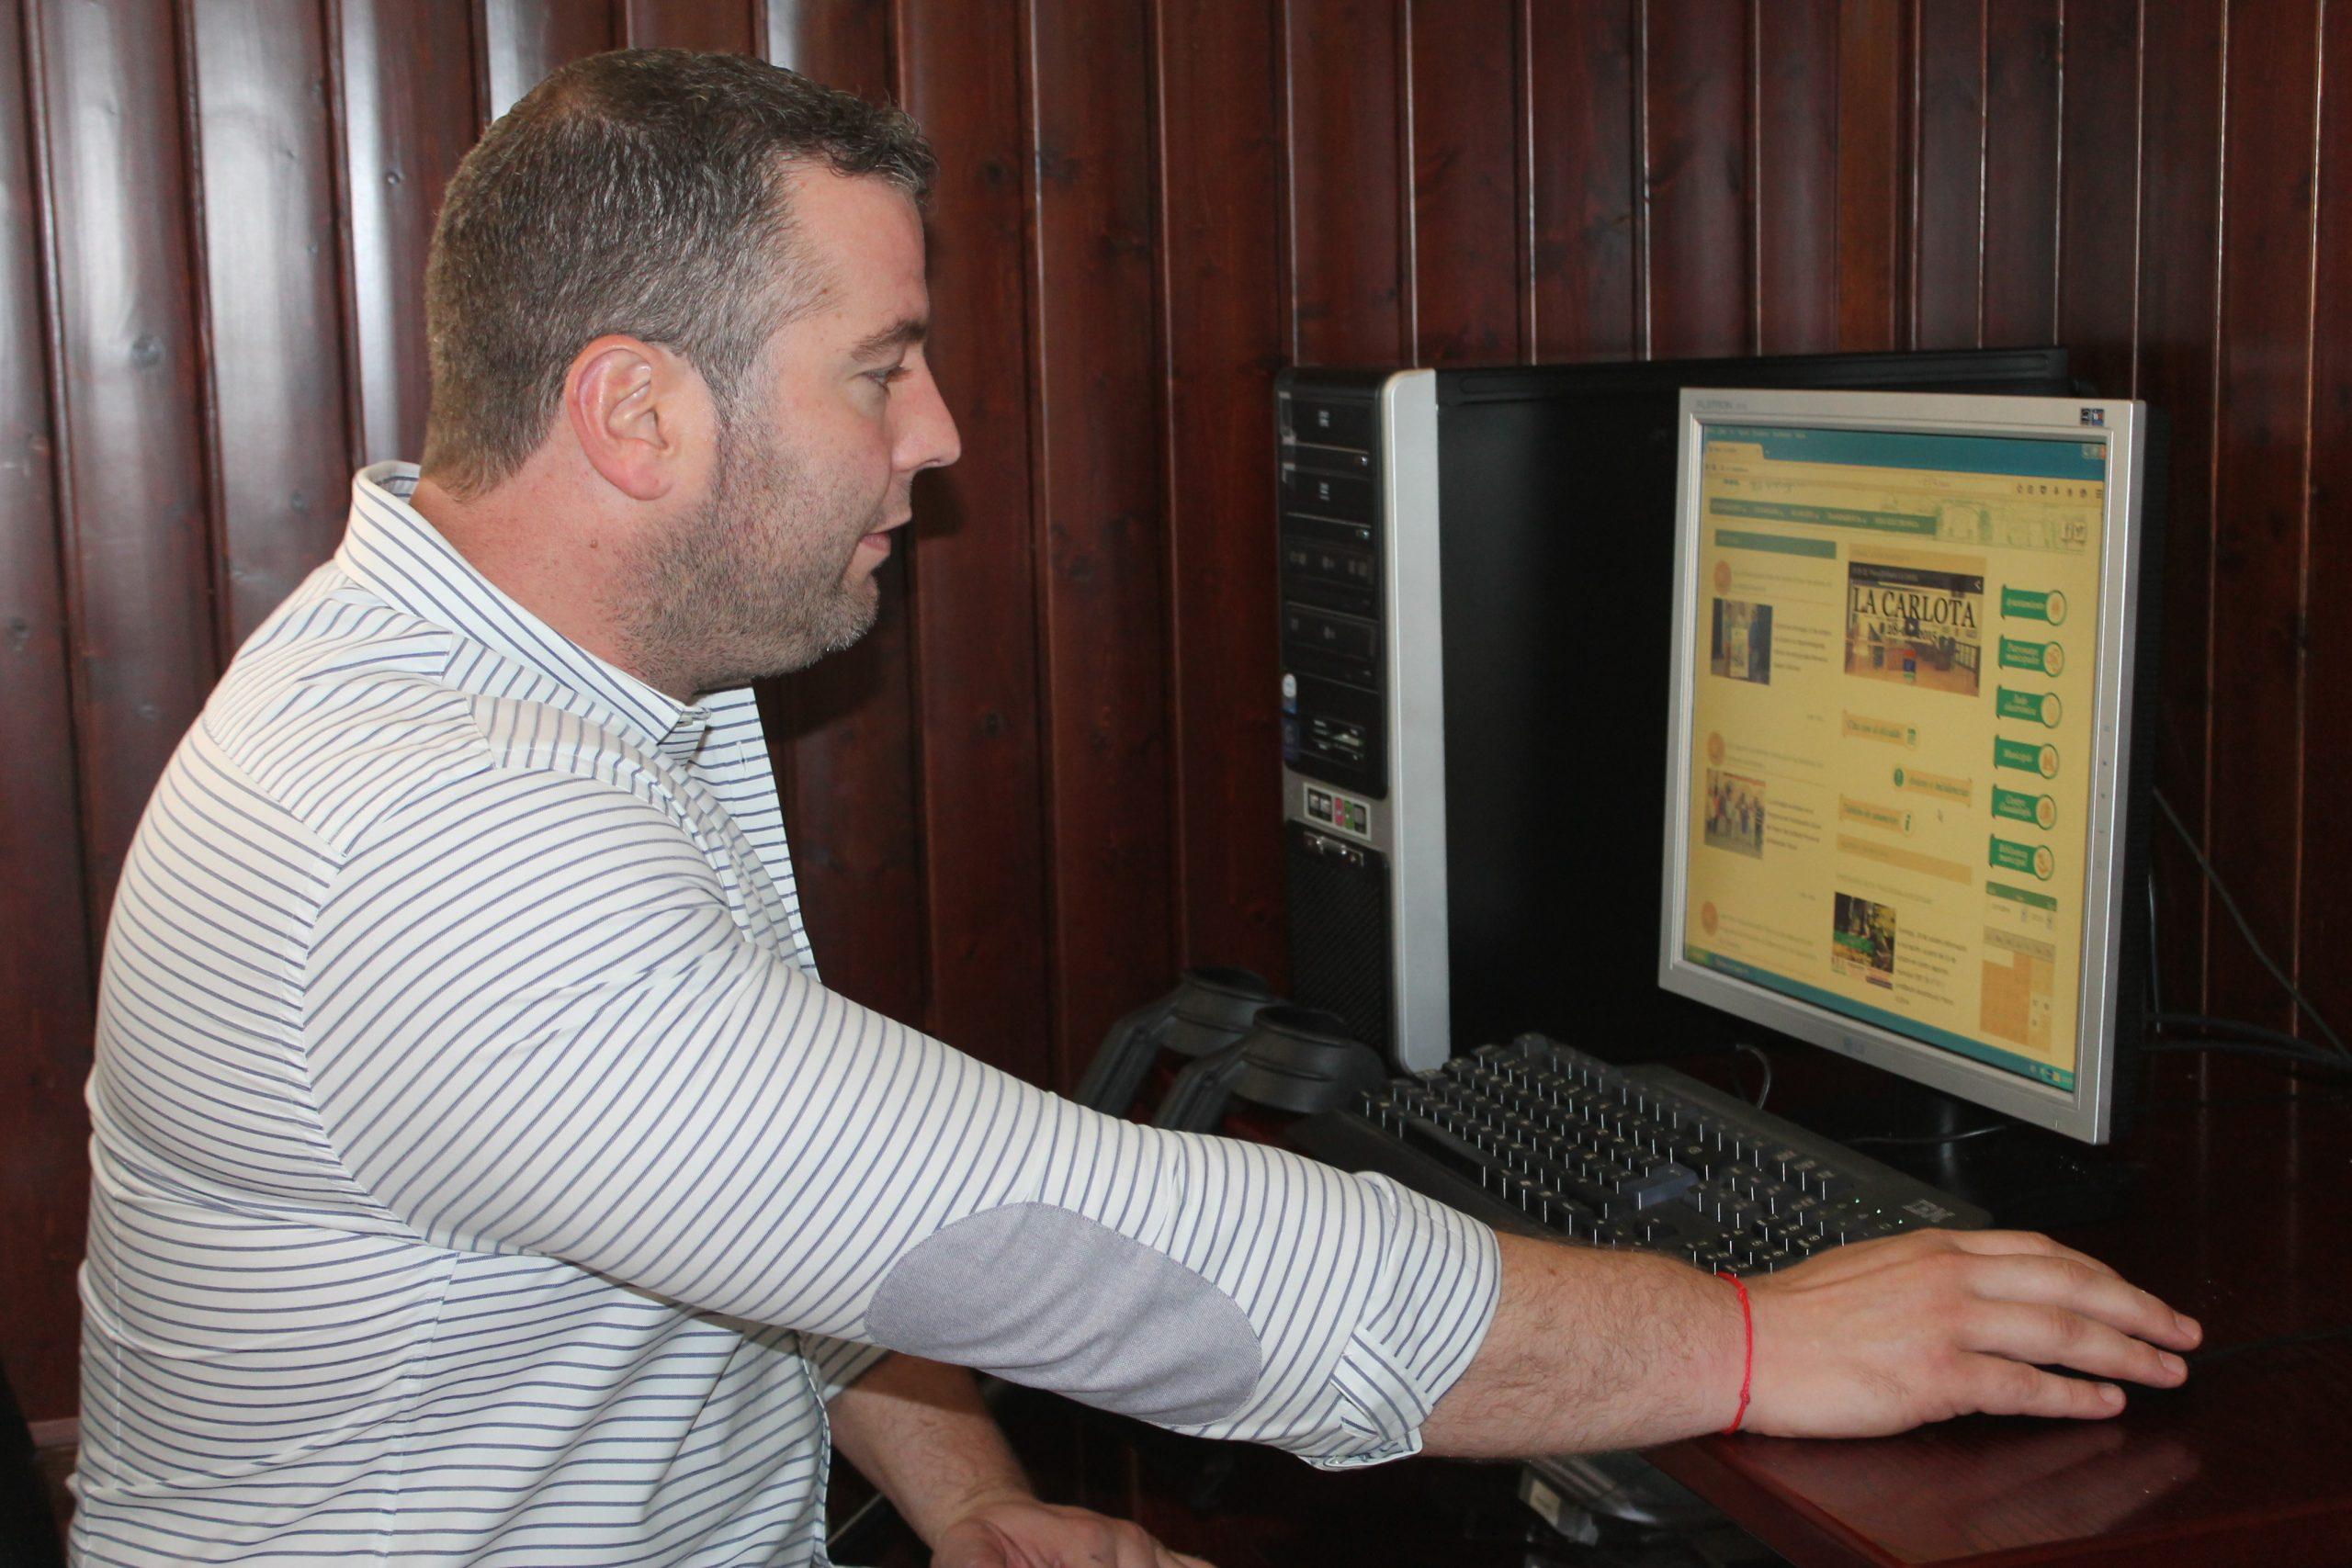 El Ayuntamiento activa el servicio web para comunicar avisos e incidencias y pedir cita al Alcalde 1